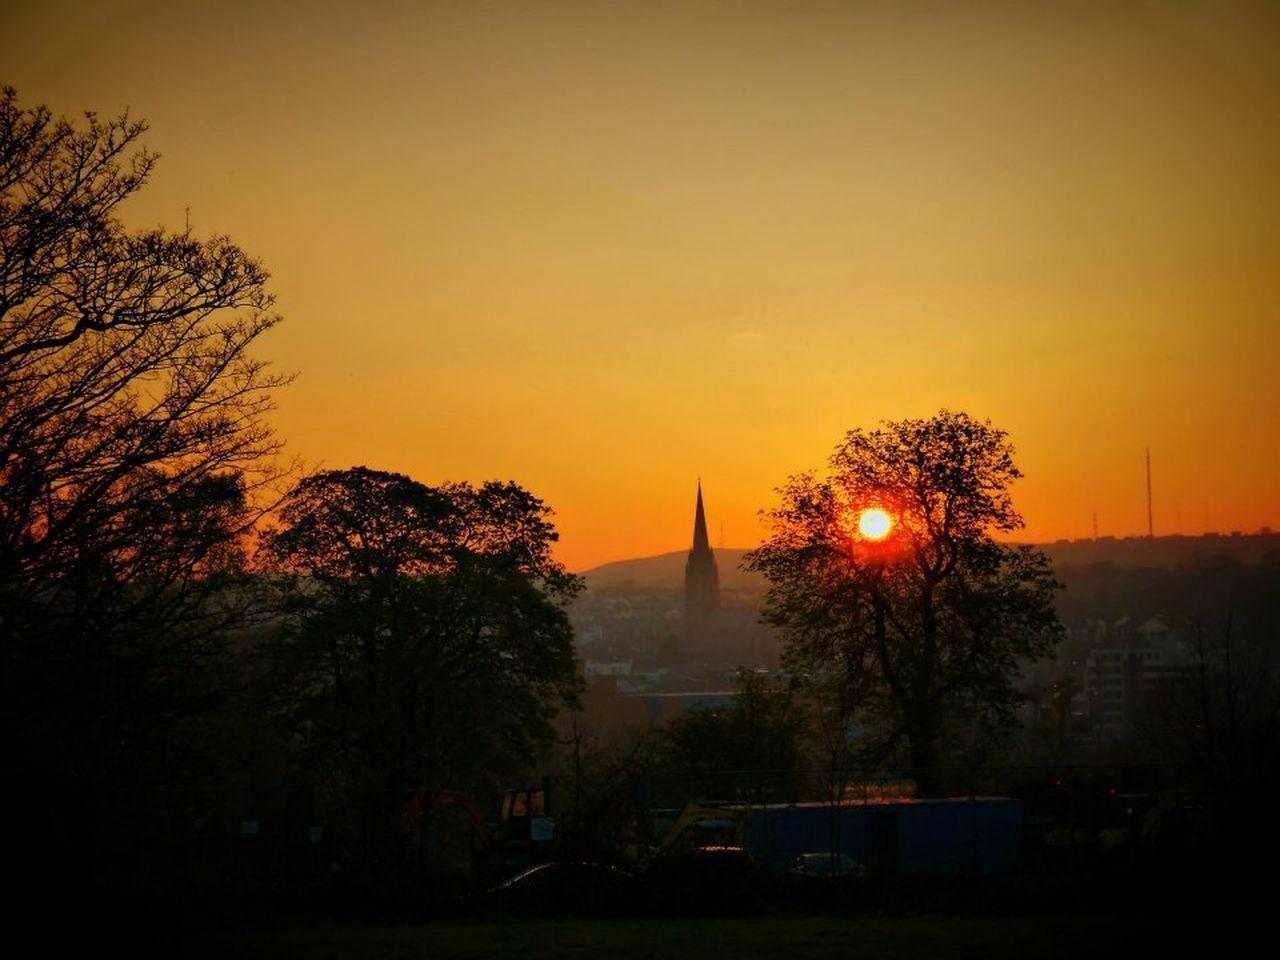 Derry Derrylondonderry St Columbs Park Sun Sunset Tree